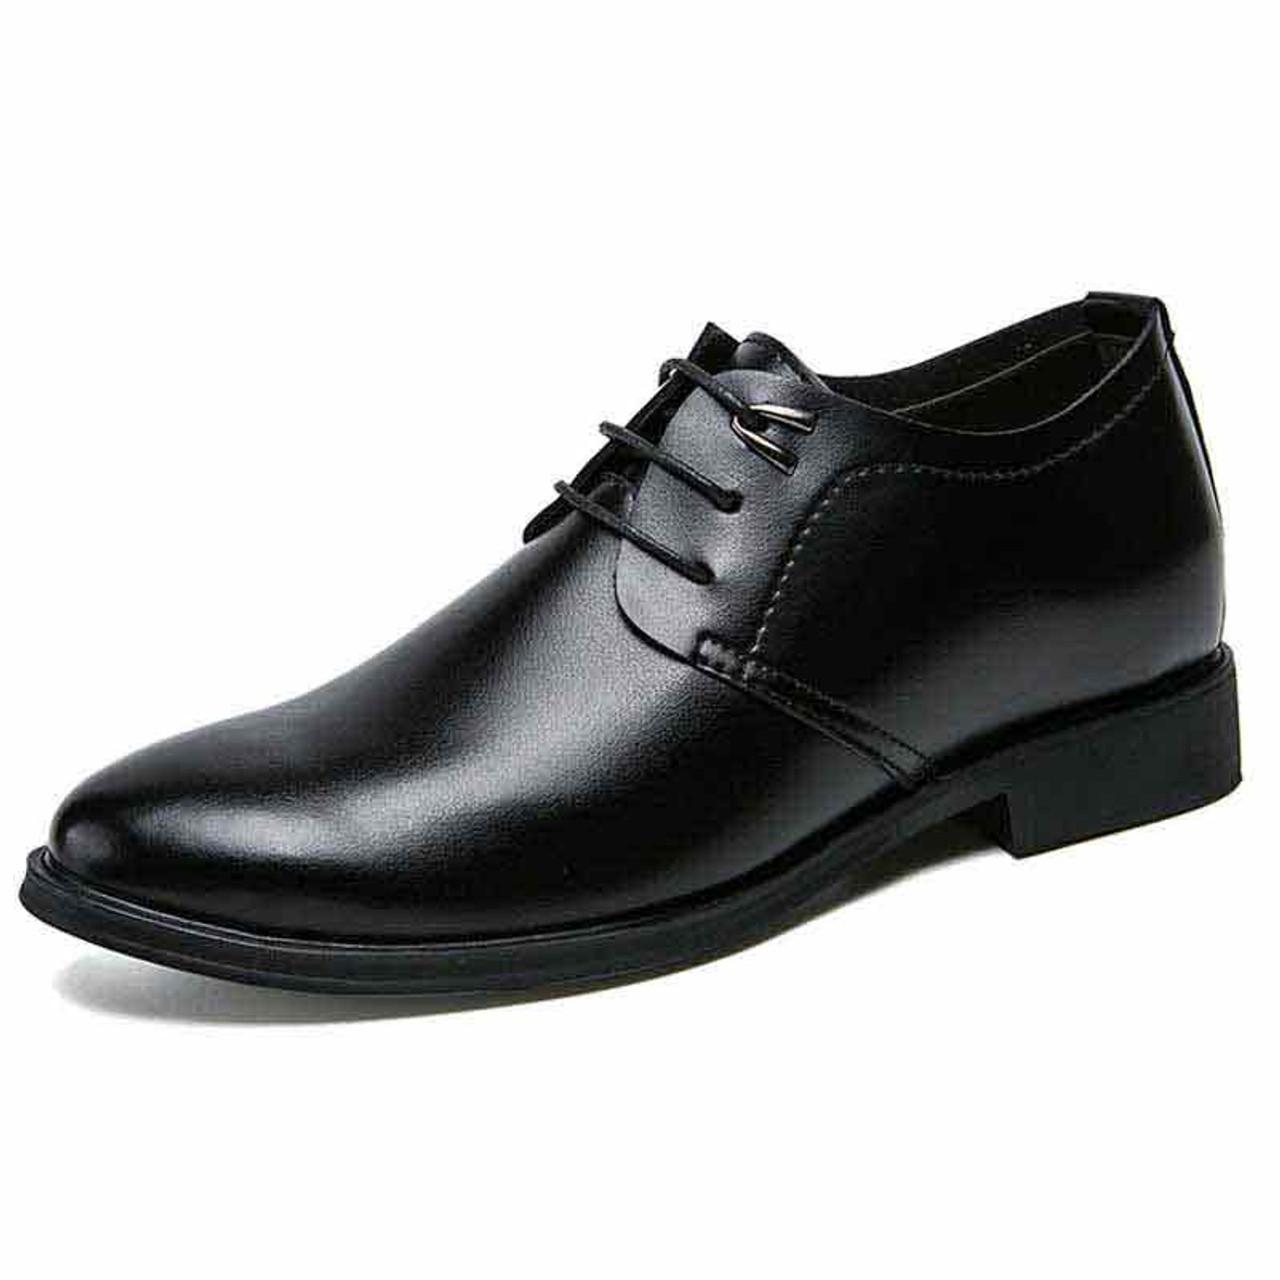 Black simple plain leather derby dress